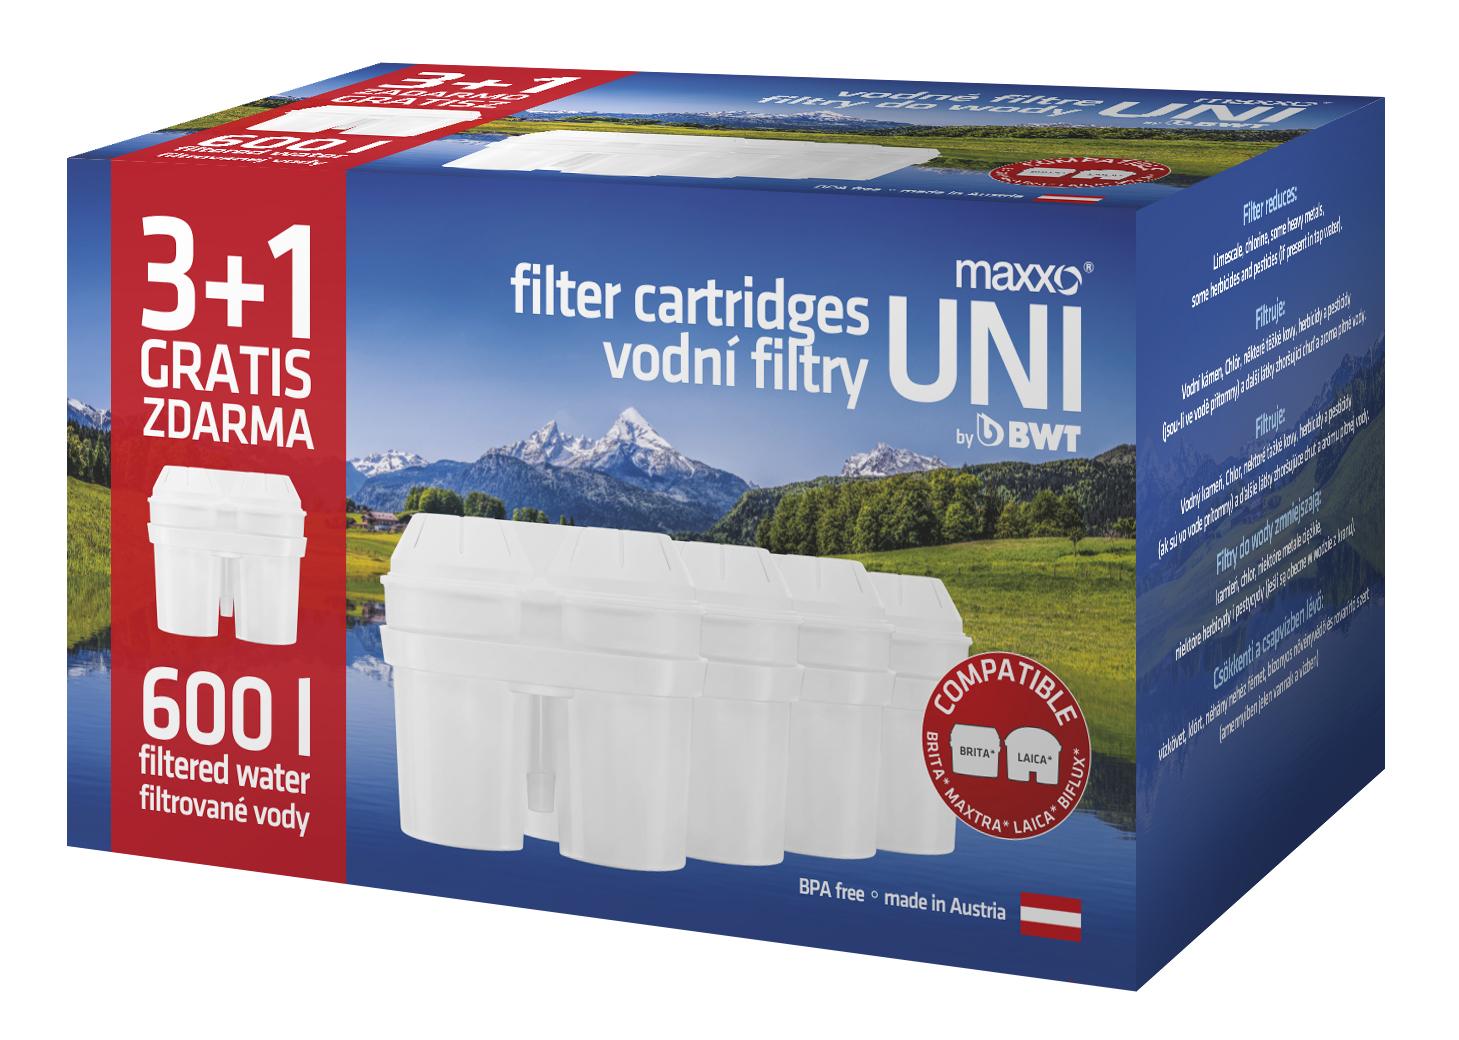 filtry do konvice MAXXO UNI 3+1 (MAXXO 3+1)